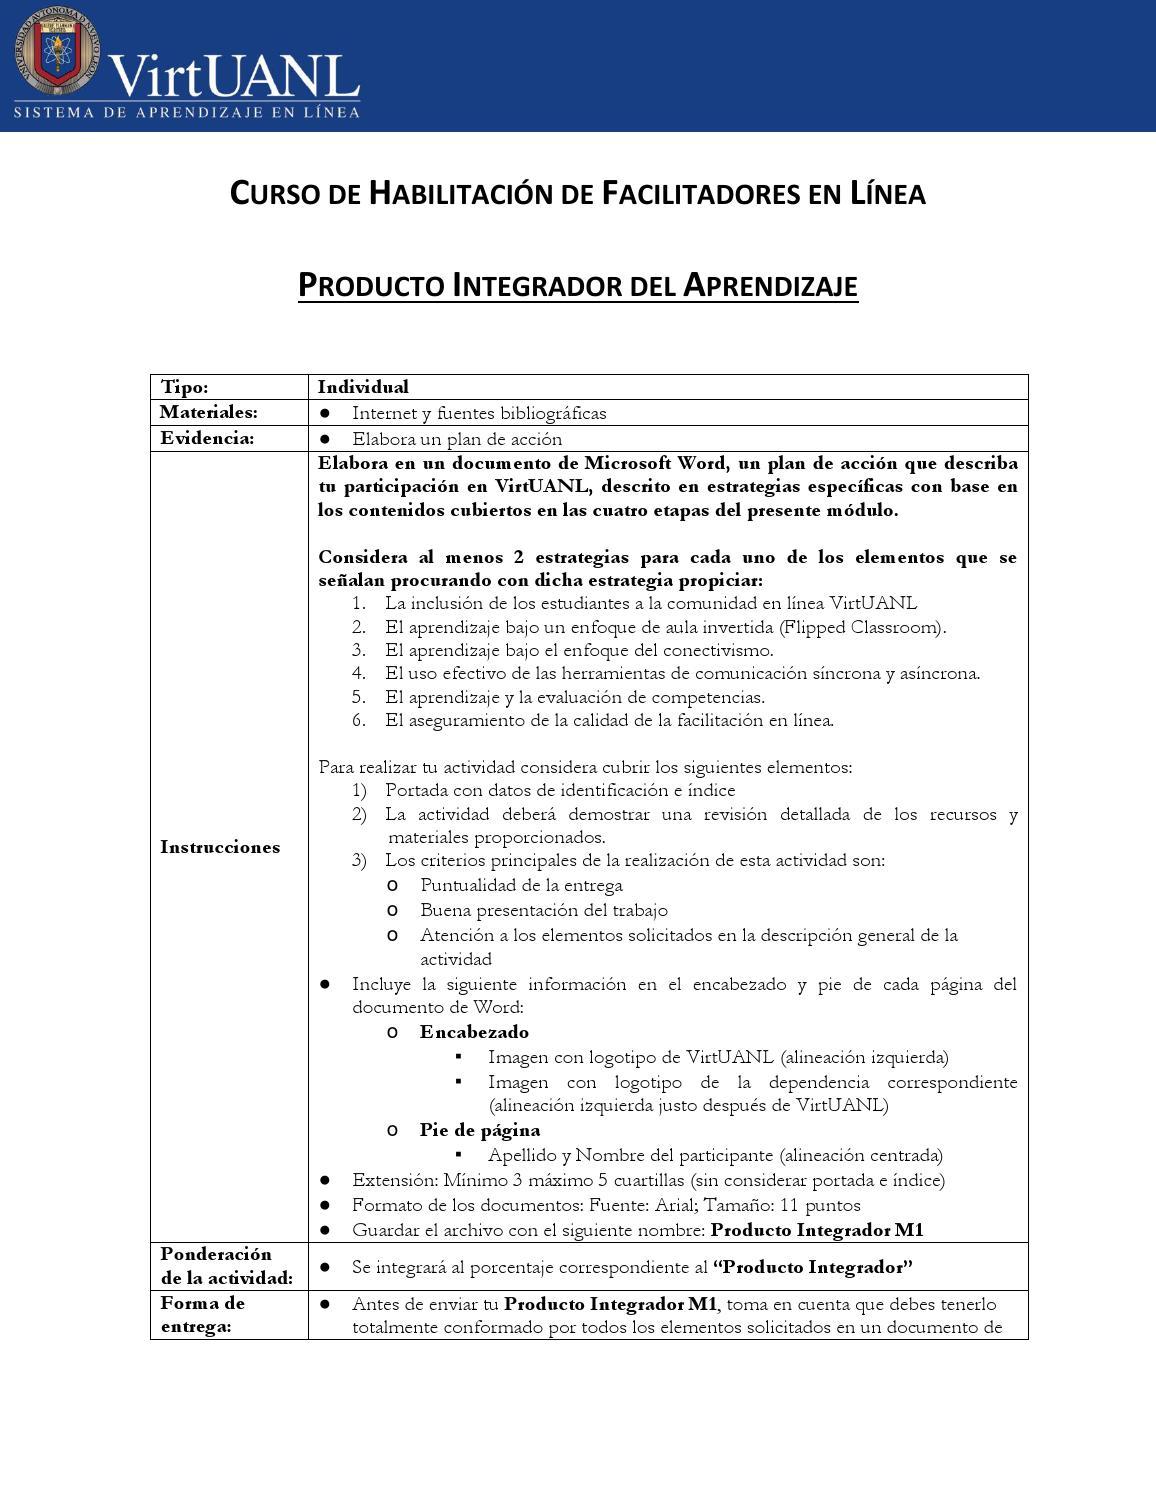 Producto integrador del aprendizaje by VirtUANL - issuu